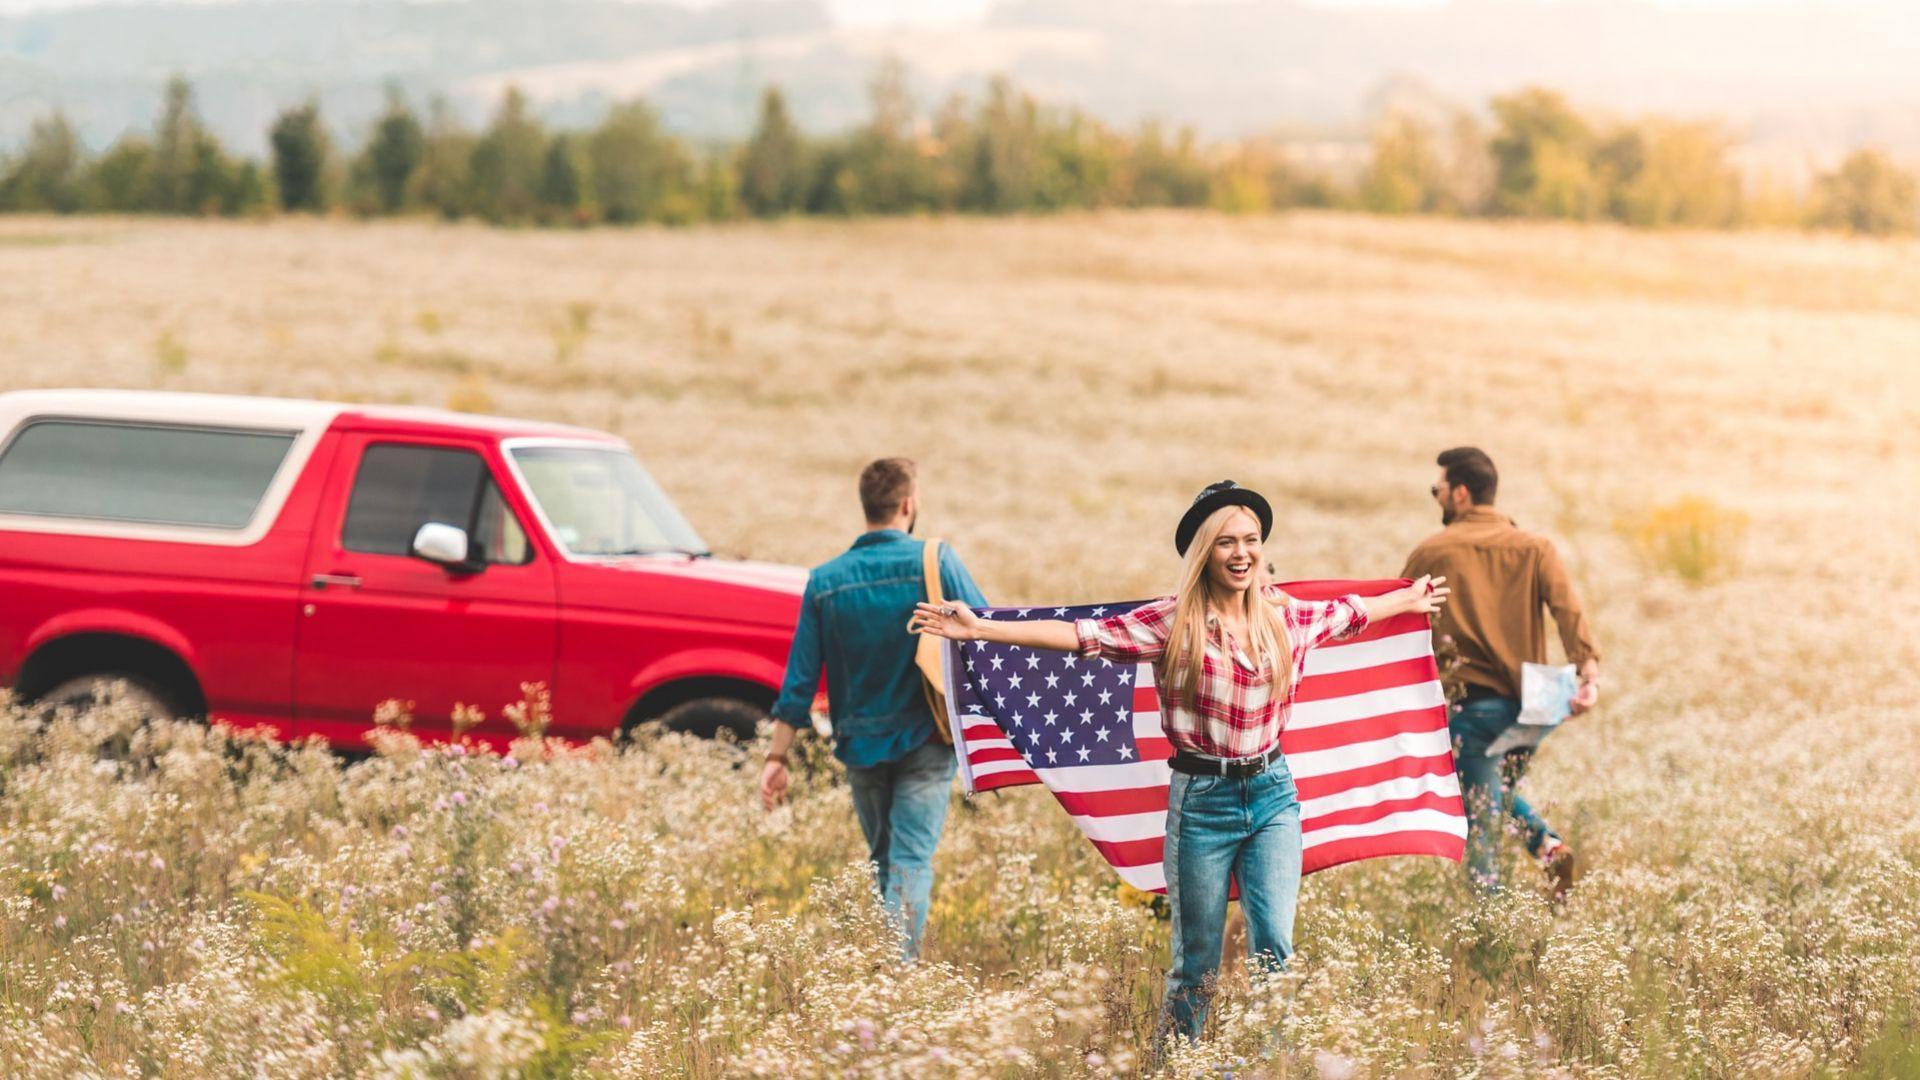 Savarankiška kelionė suteikia daug laisvės